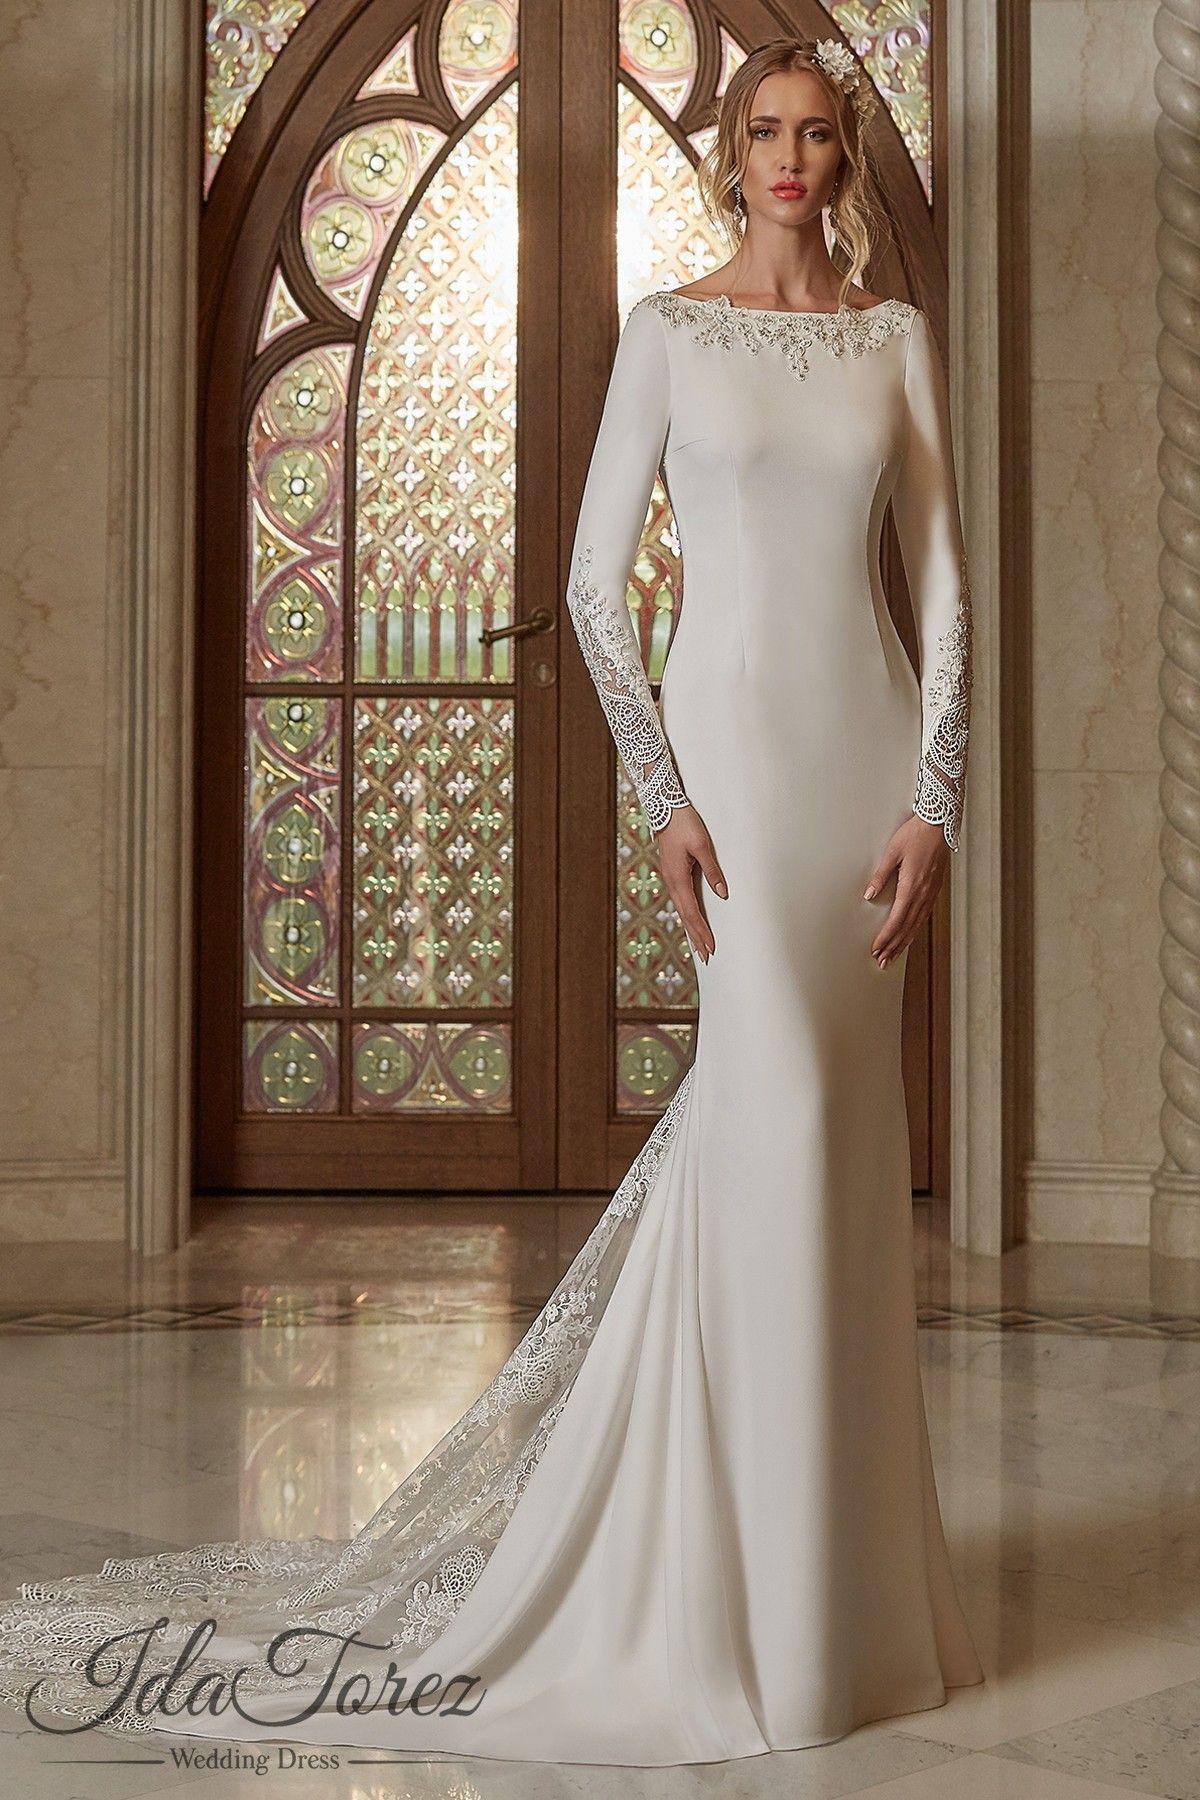 Usd 999 Trumpet Mermaid Train Stretch Crepe Wedding Dress 08006 Wedding Dresses Satin Wedding Dresses Trumpet Wedding Dress [ 1800 x 1200 Pixel ]